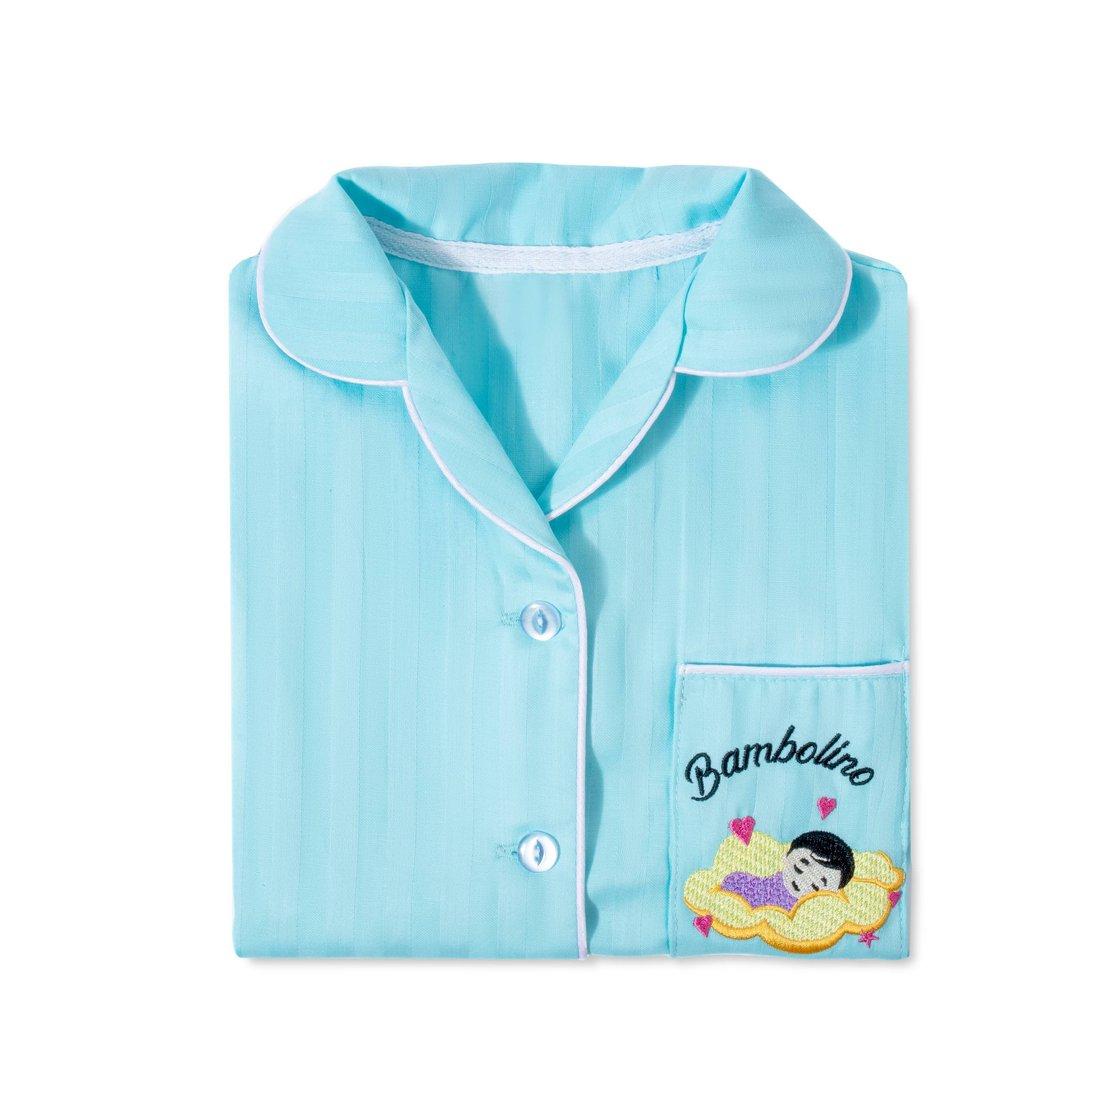 Купить Детская пижама Bambolino, голубая 140, Mixit